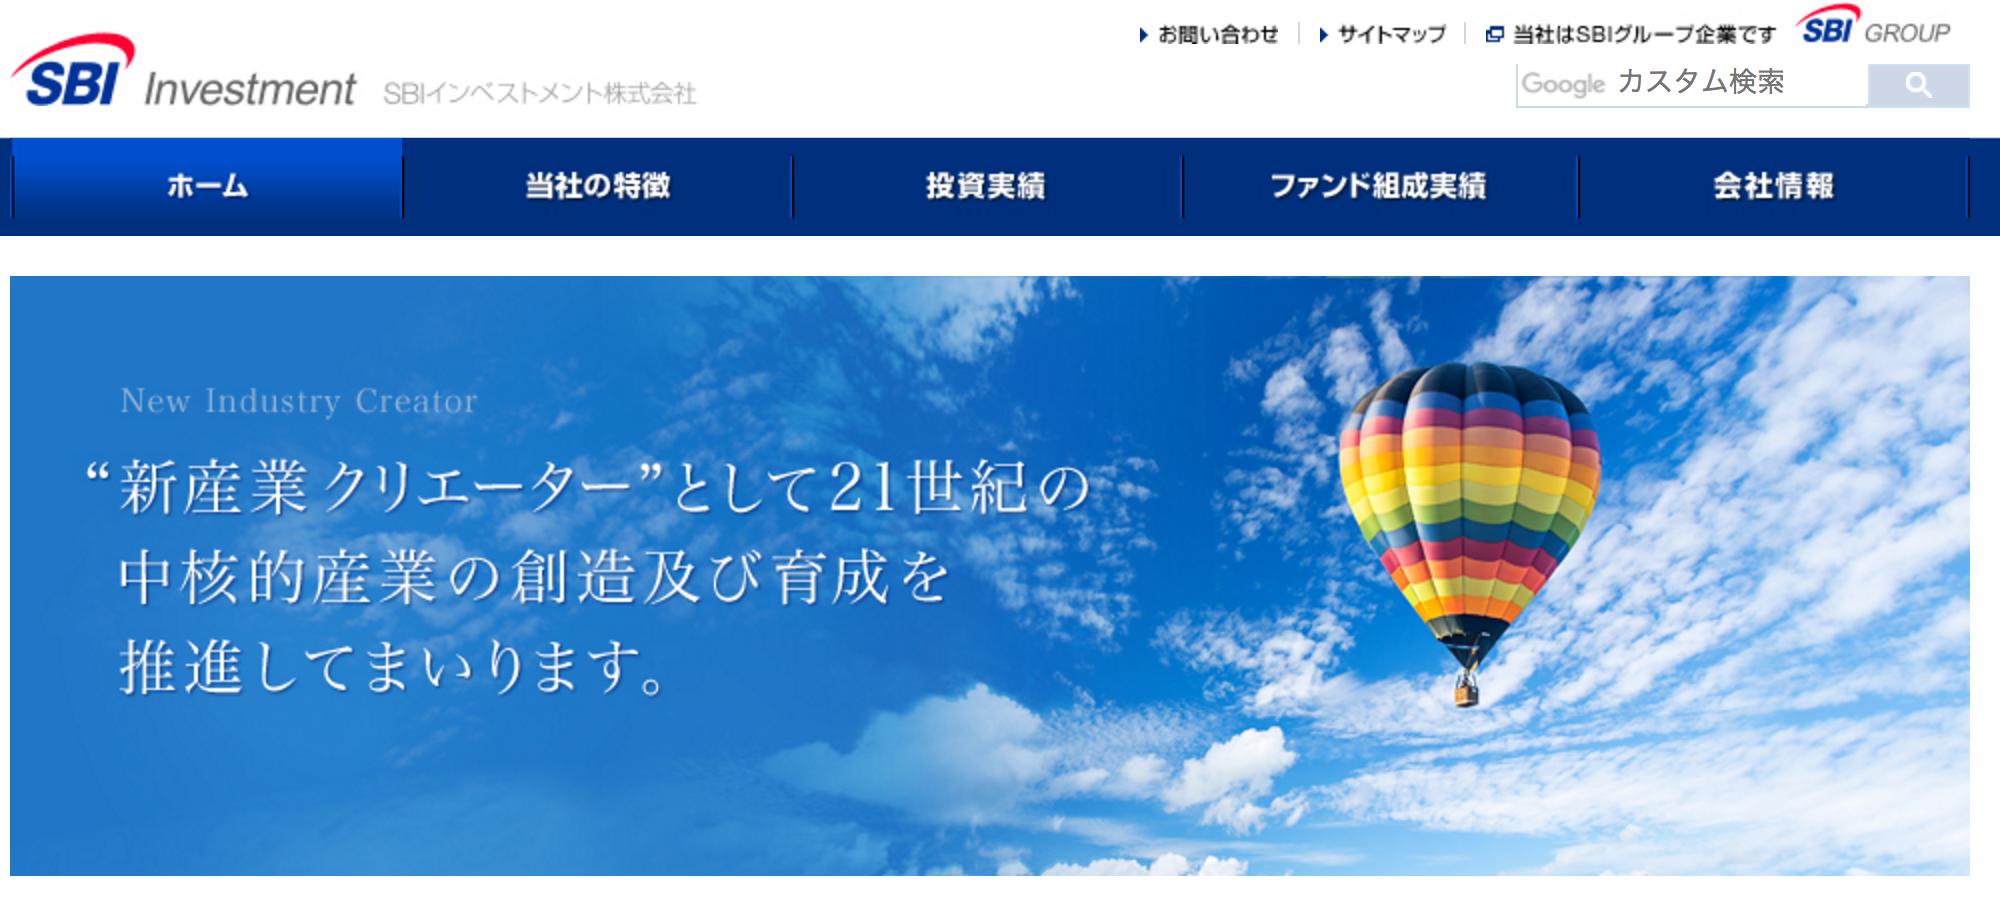 【2017年版】日本の 金融系 ベンチャーキャピタル VC 一覧 まとめ13選-SBIインベストメント